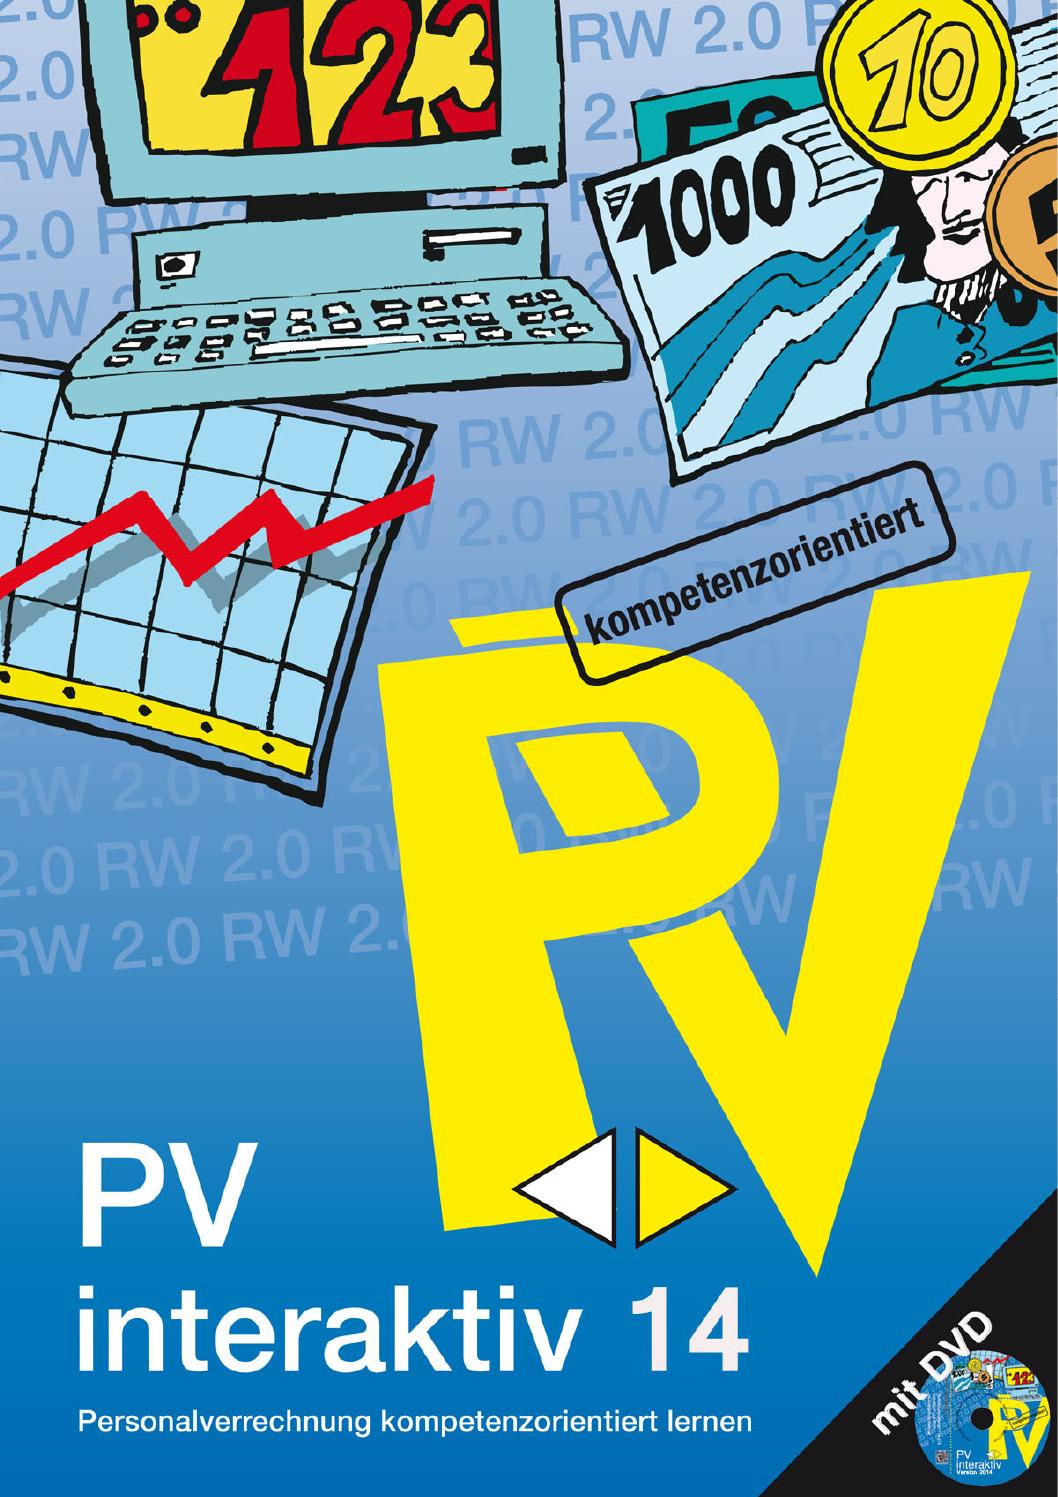 Pv interaktiv 2014 by PV-interaktiv - issuu